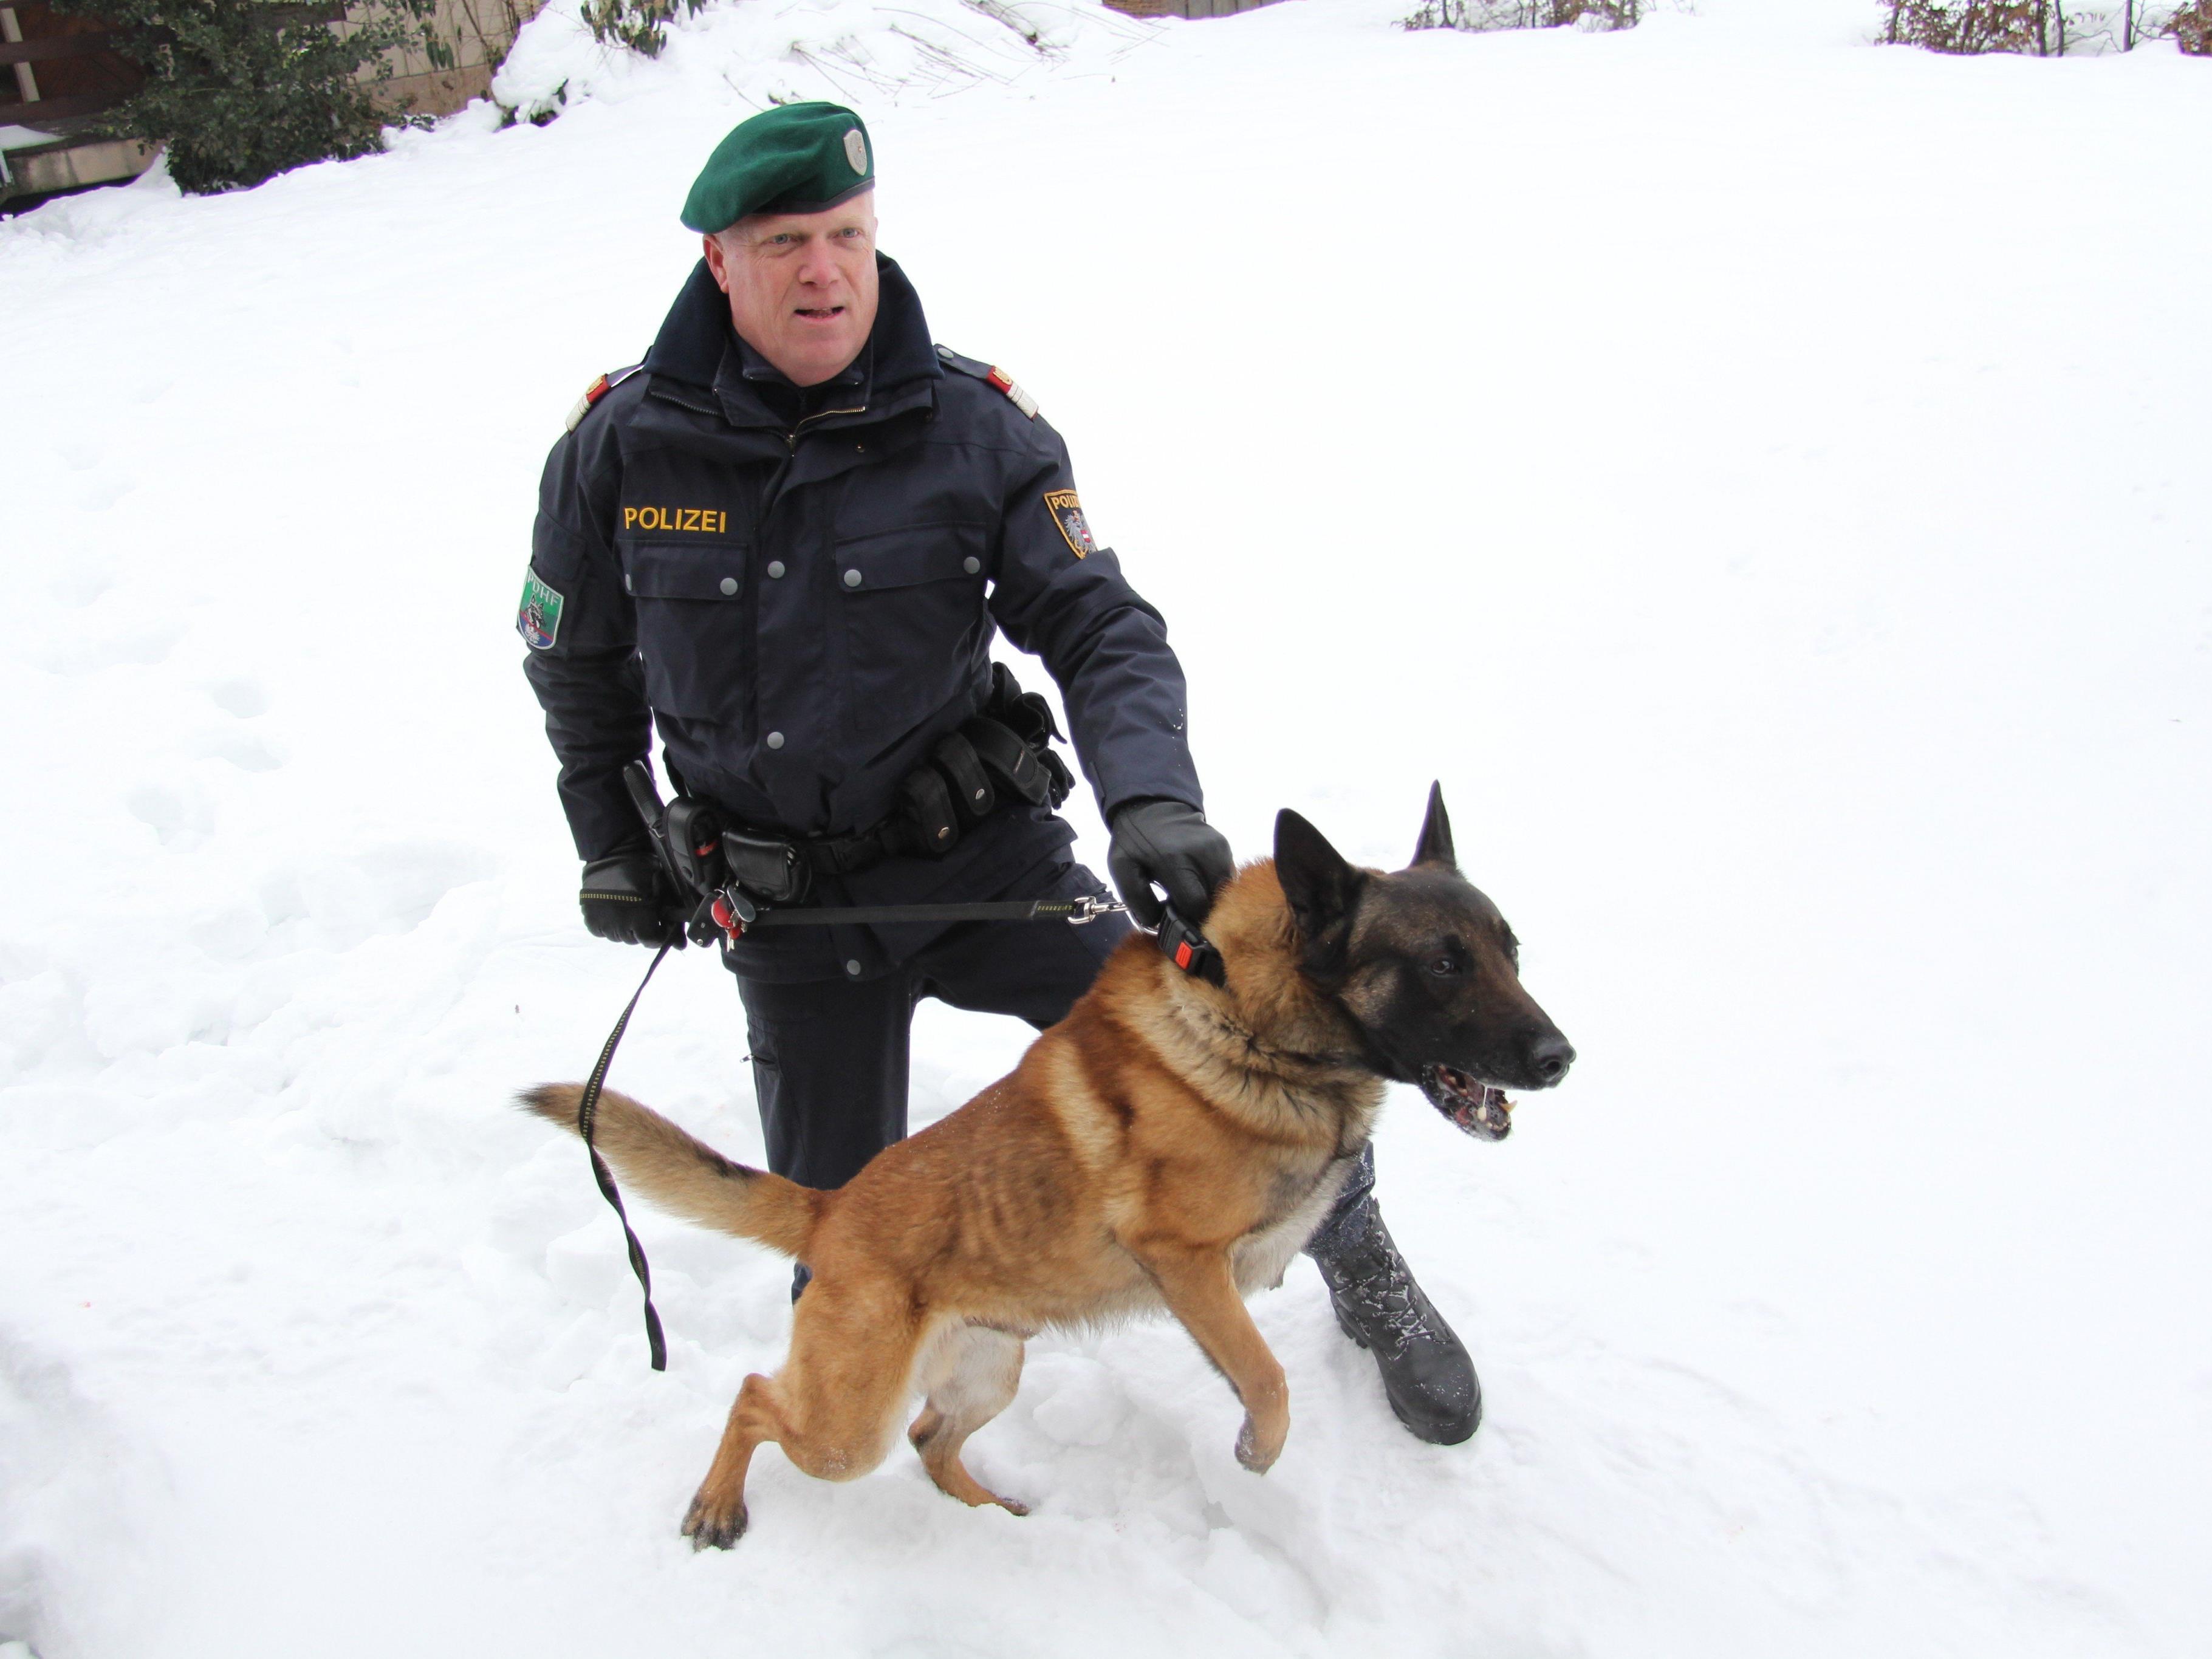 Ein Polizeihund half bei der Festnahme eines Einbrechers in Sulz.